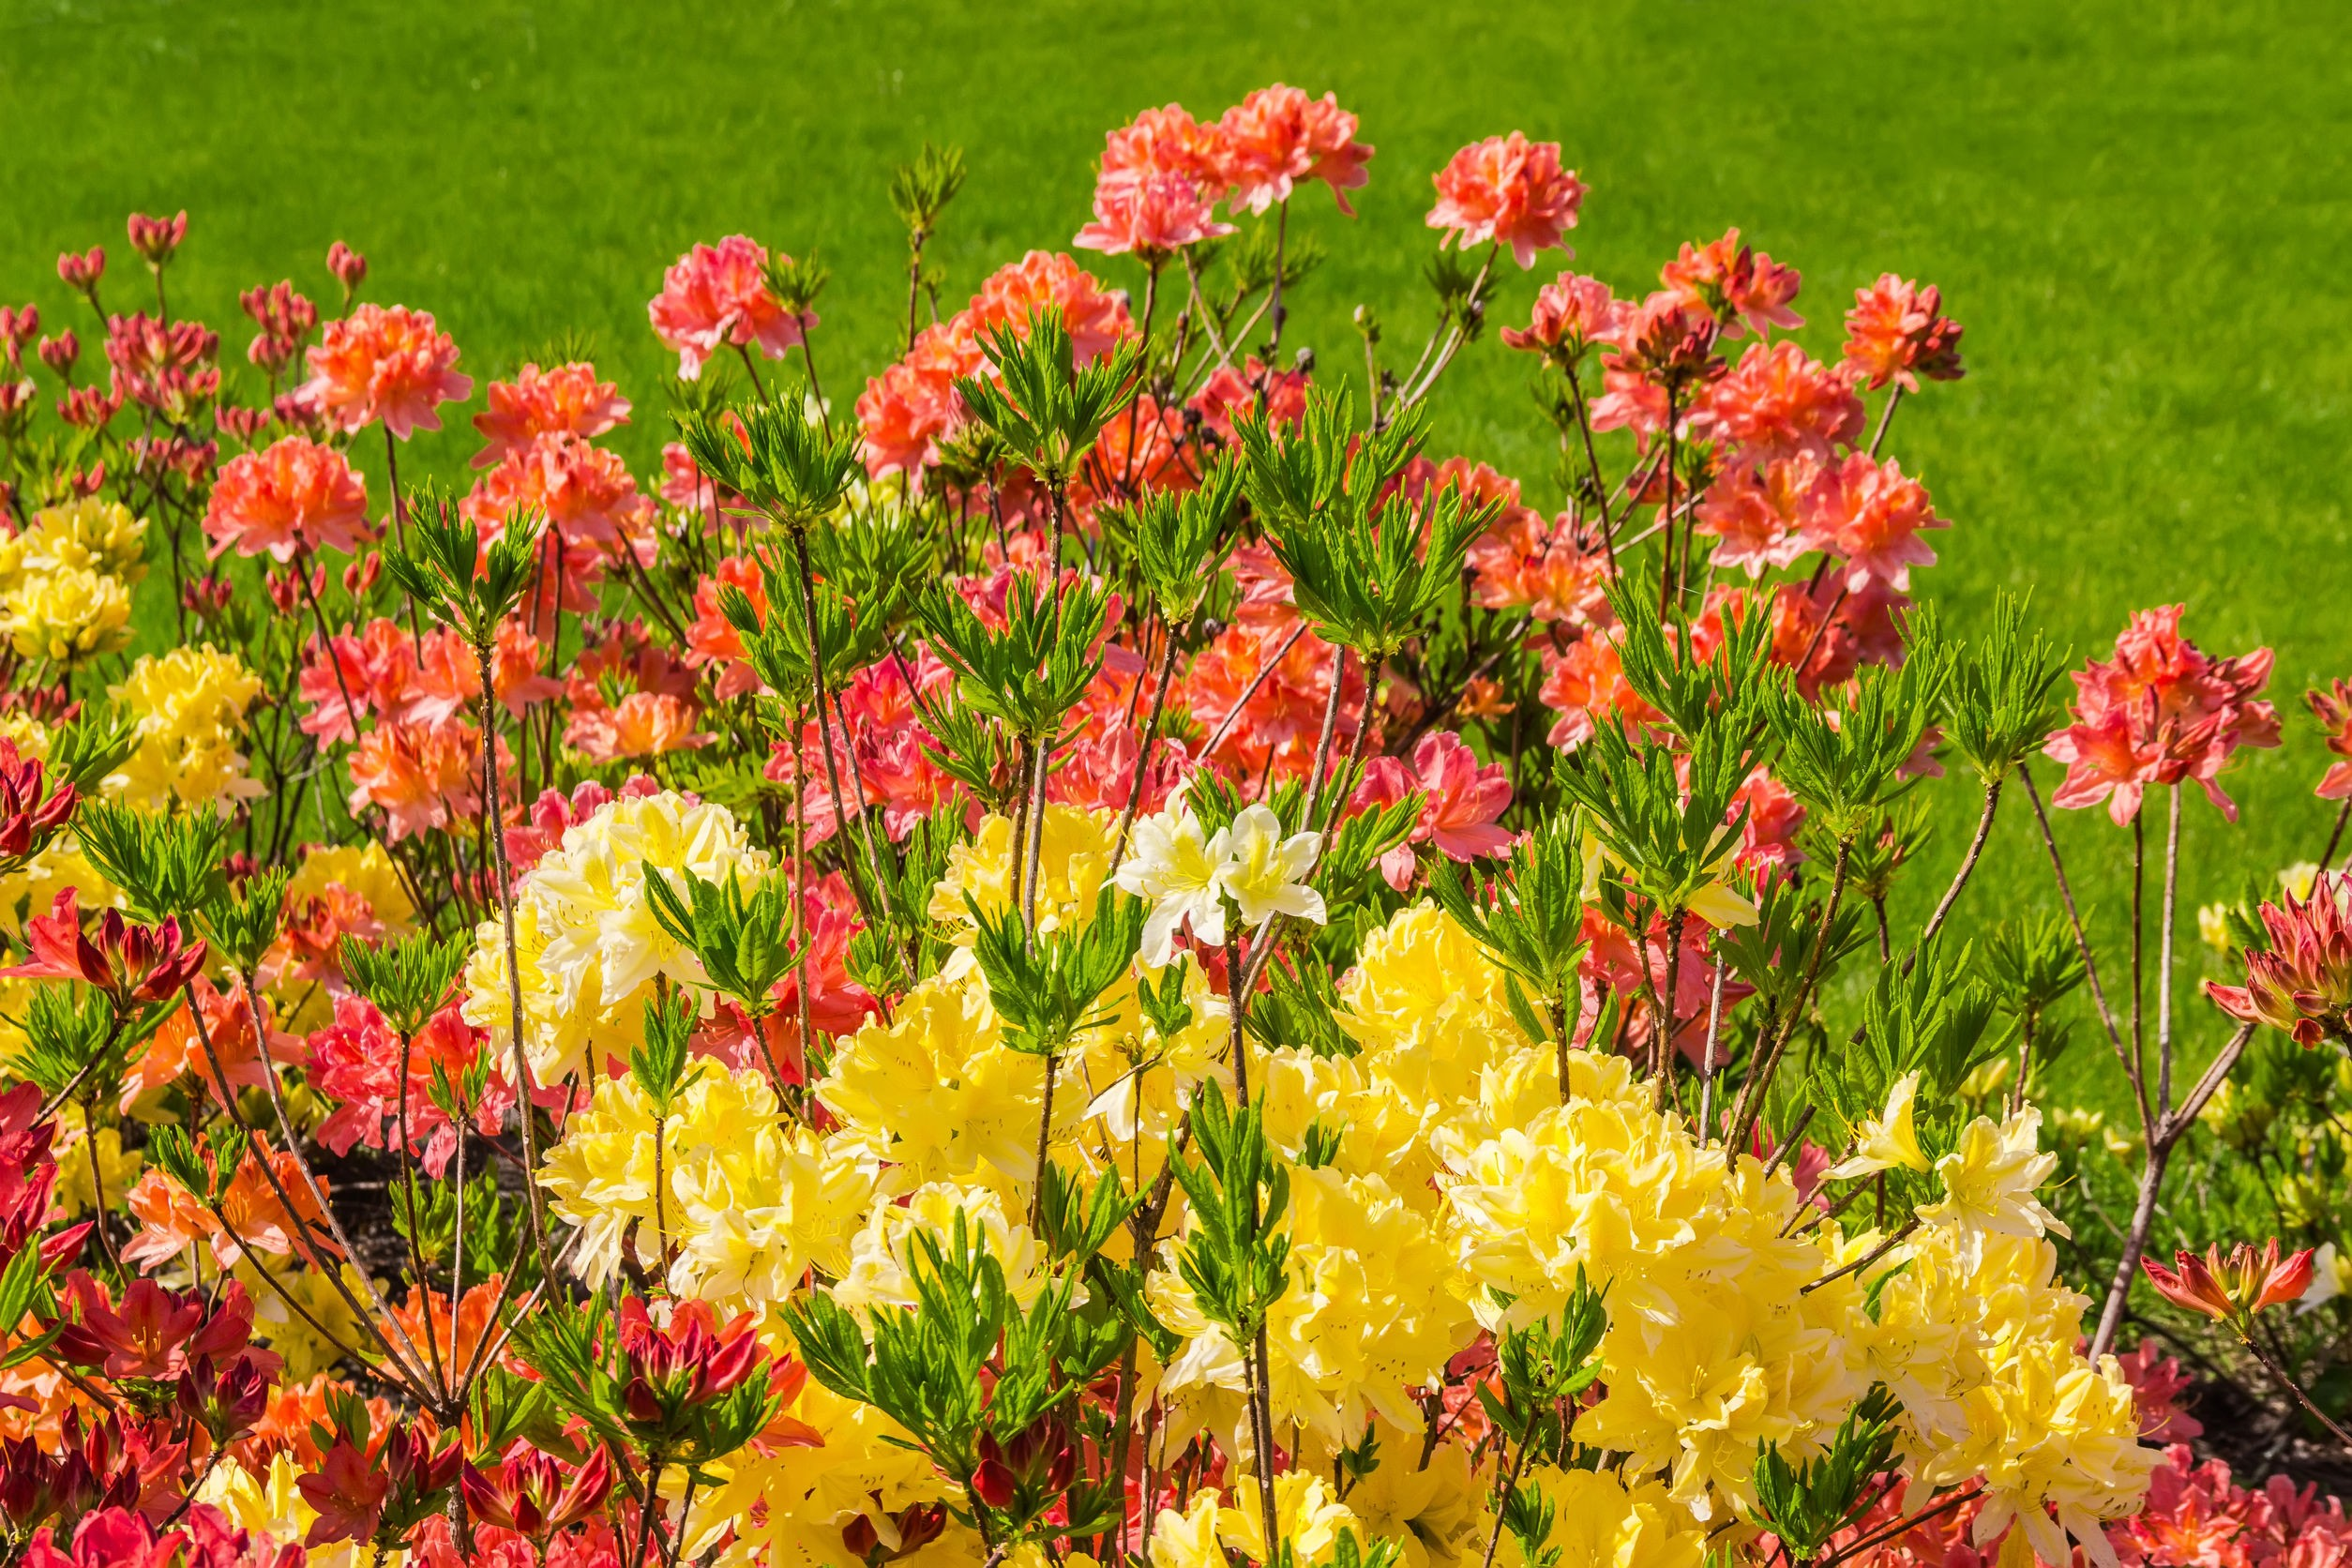 Kolorowe krzewy azali wielkokwiatowych